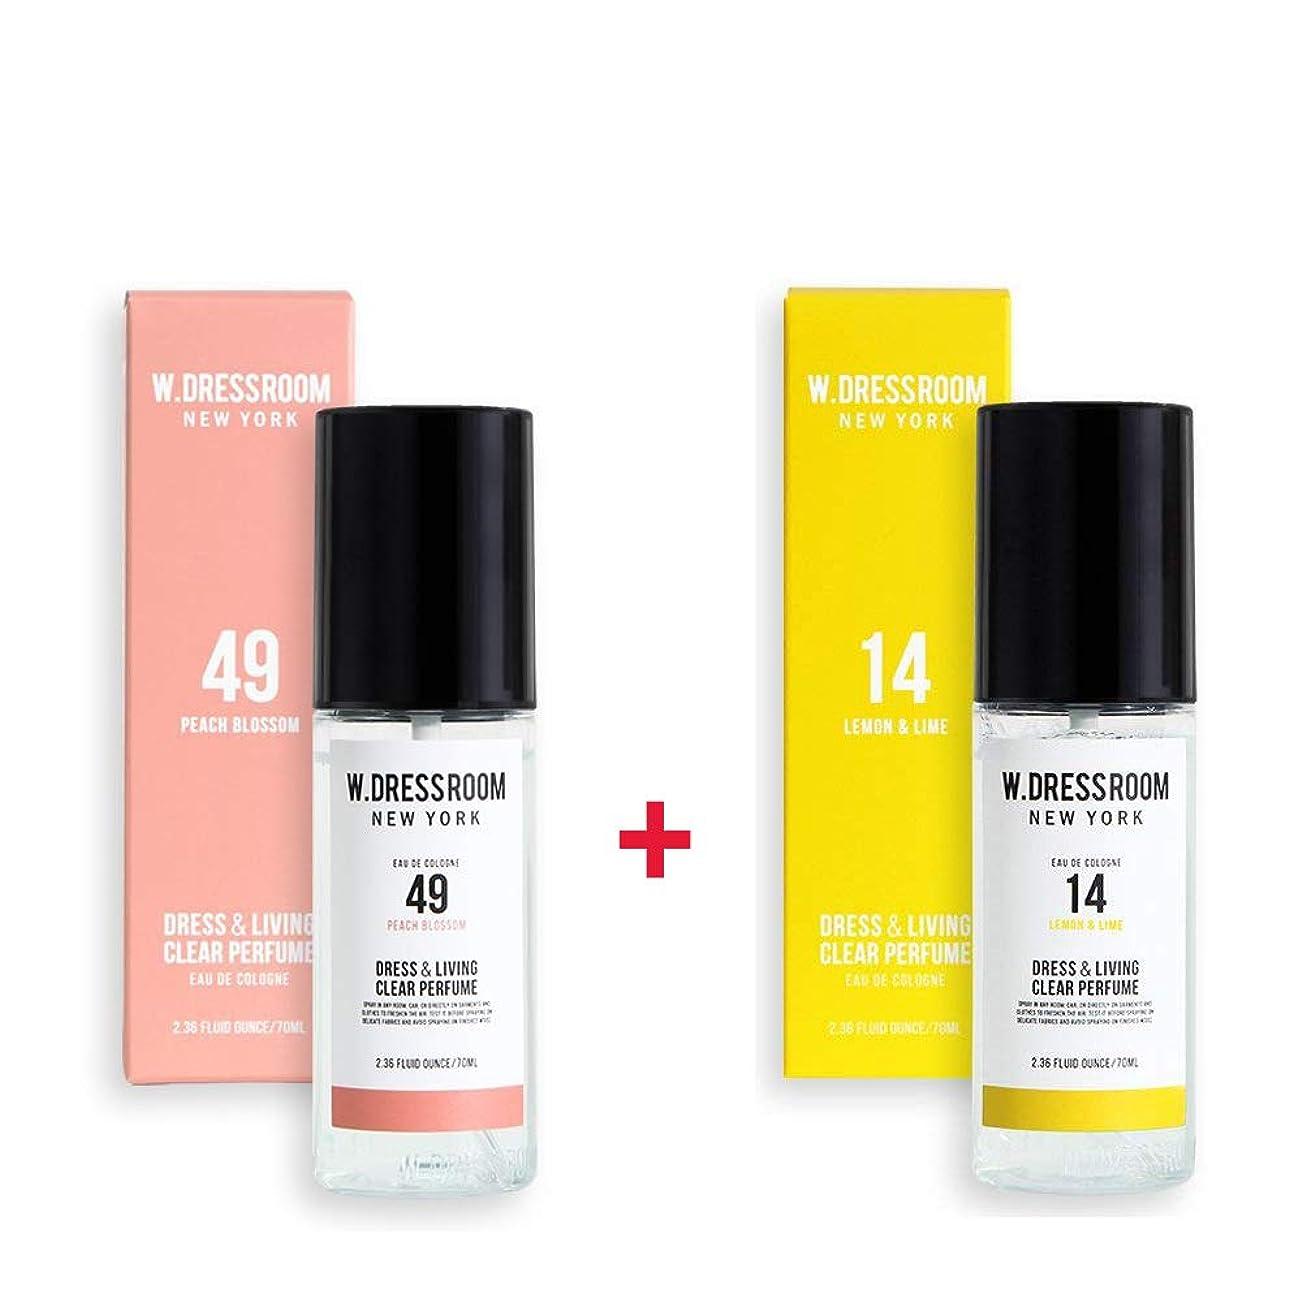 を必要としています眠りまあW.DRESSROOM Dress & Living Clear Perfume 70ml (No 49 Peach Blossom)+(No 14 Lemon & Lime)